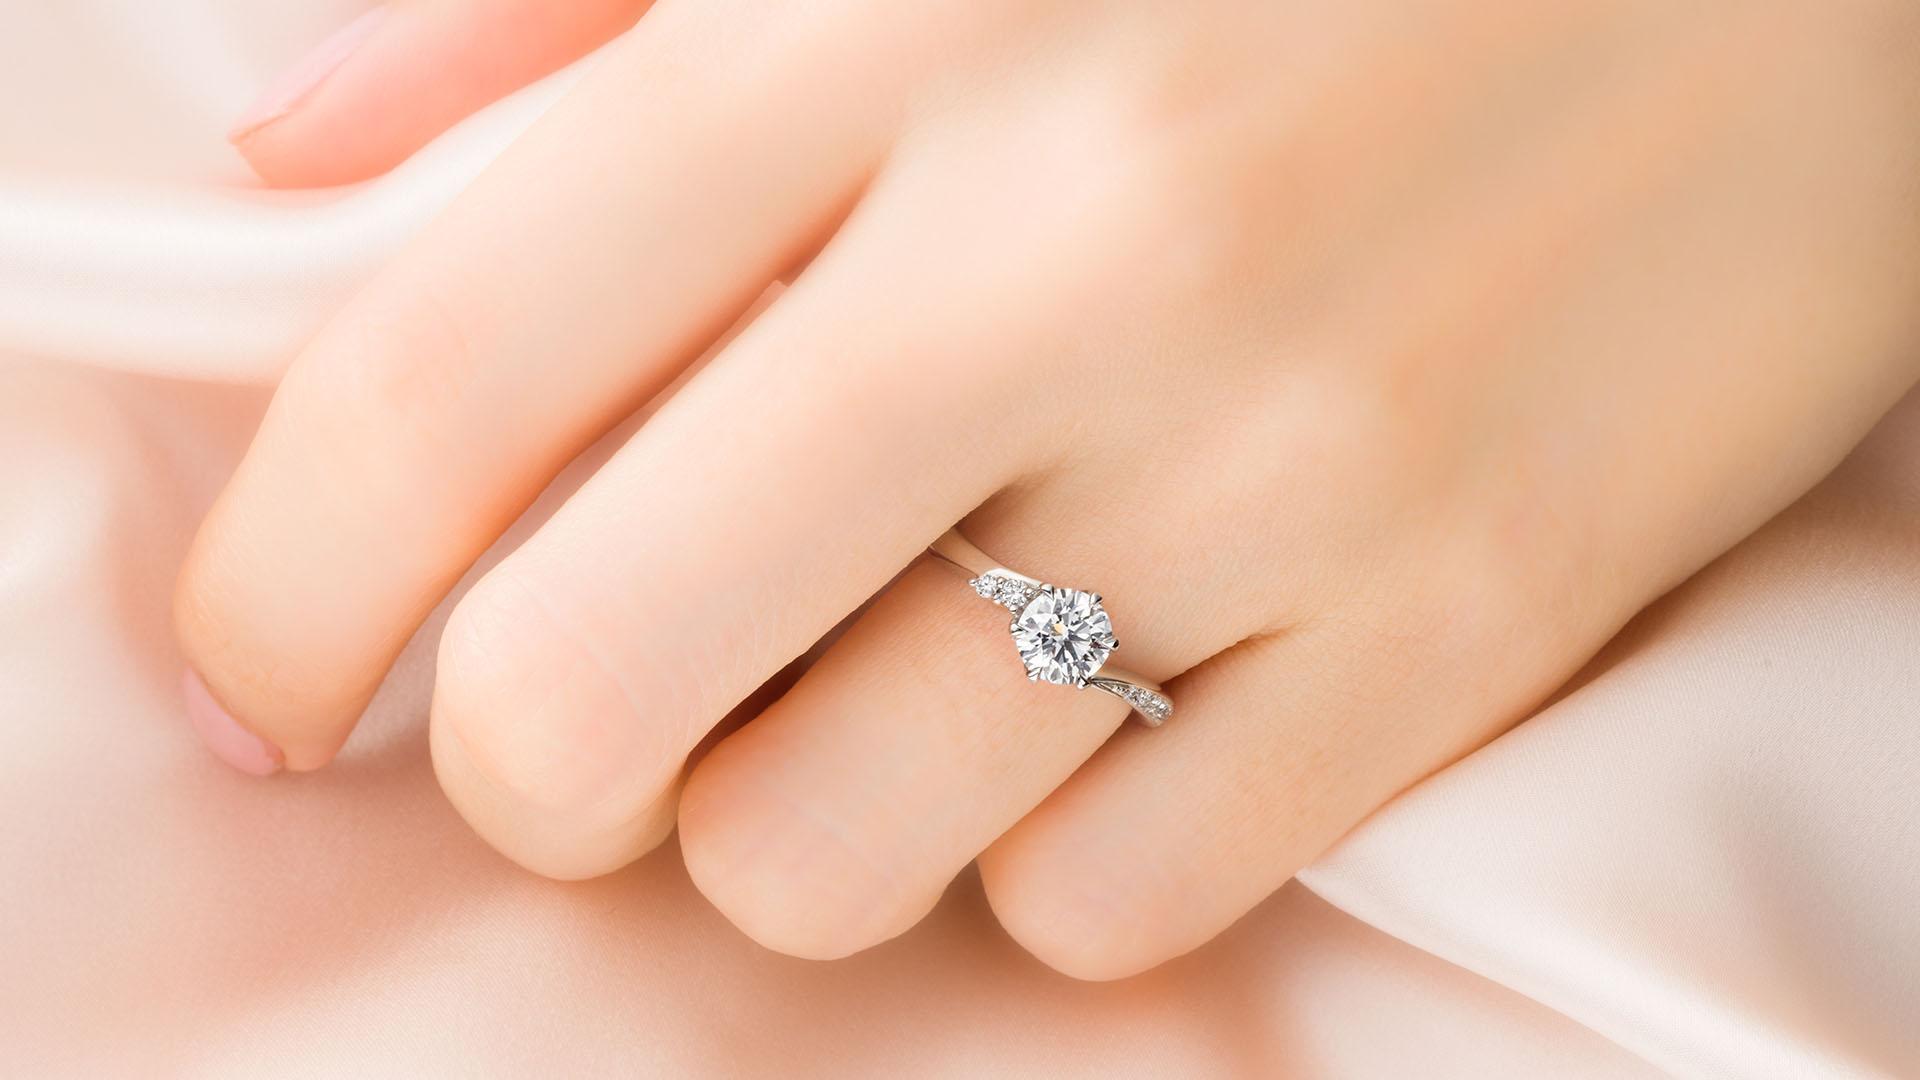 andromeda アンドロメダ | 婚約指輪サムネイル 4